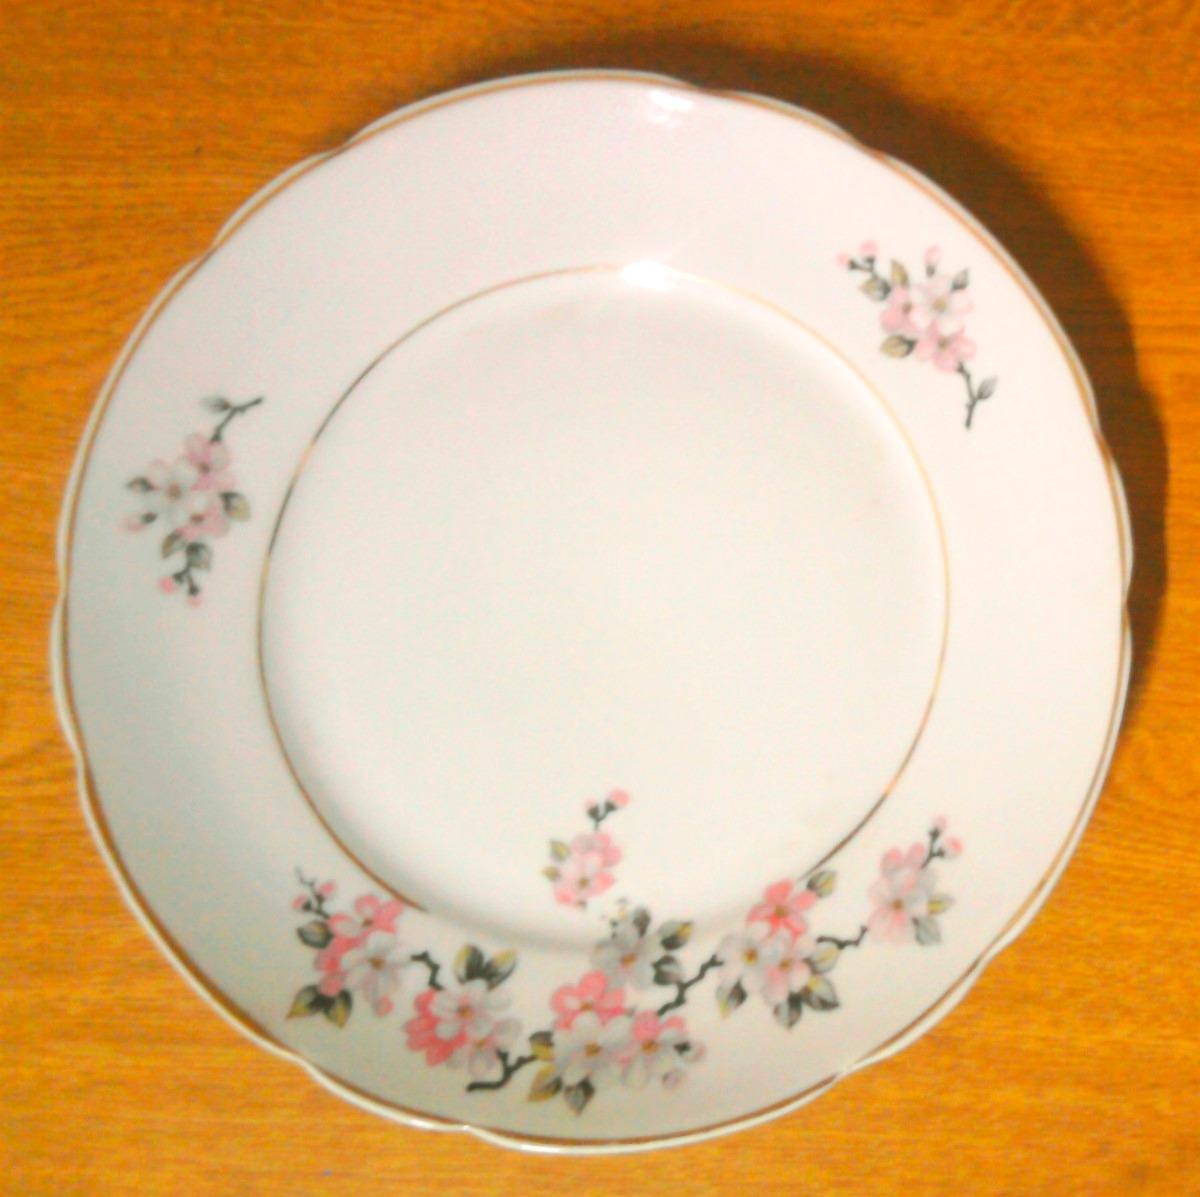 Pratos de porcelana antigos real r 52 00 em mercado livre for Marcas de vajillas de porcelana